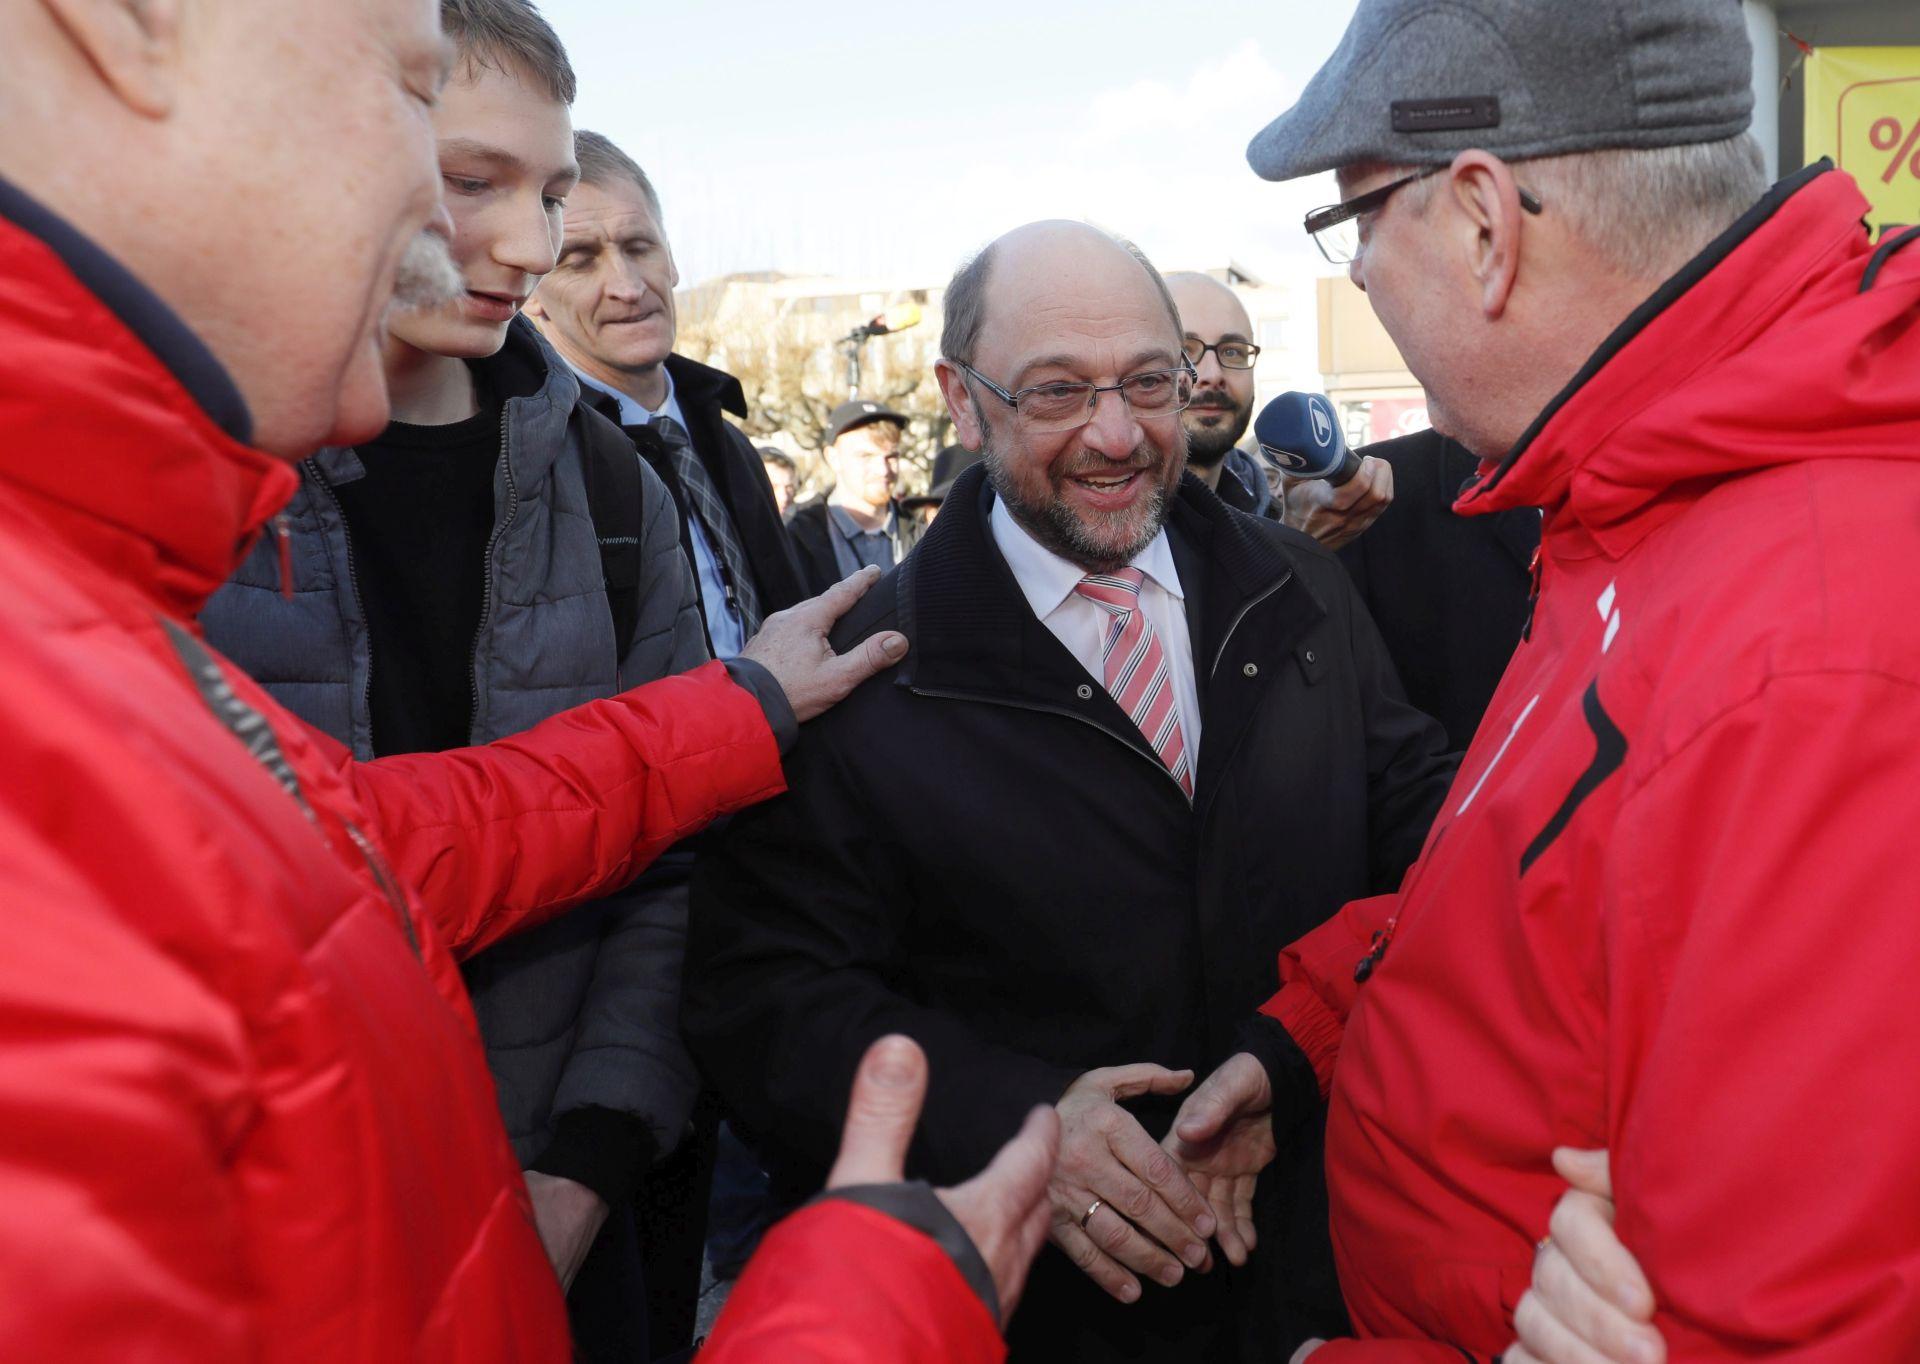 Moguća istraga protiv Martina Schulza